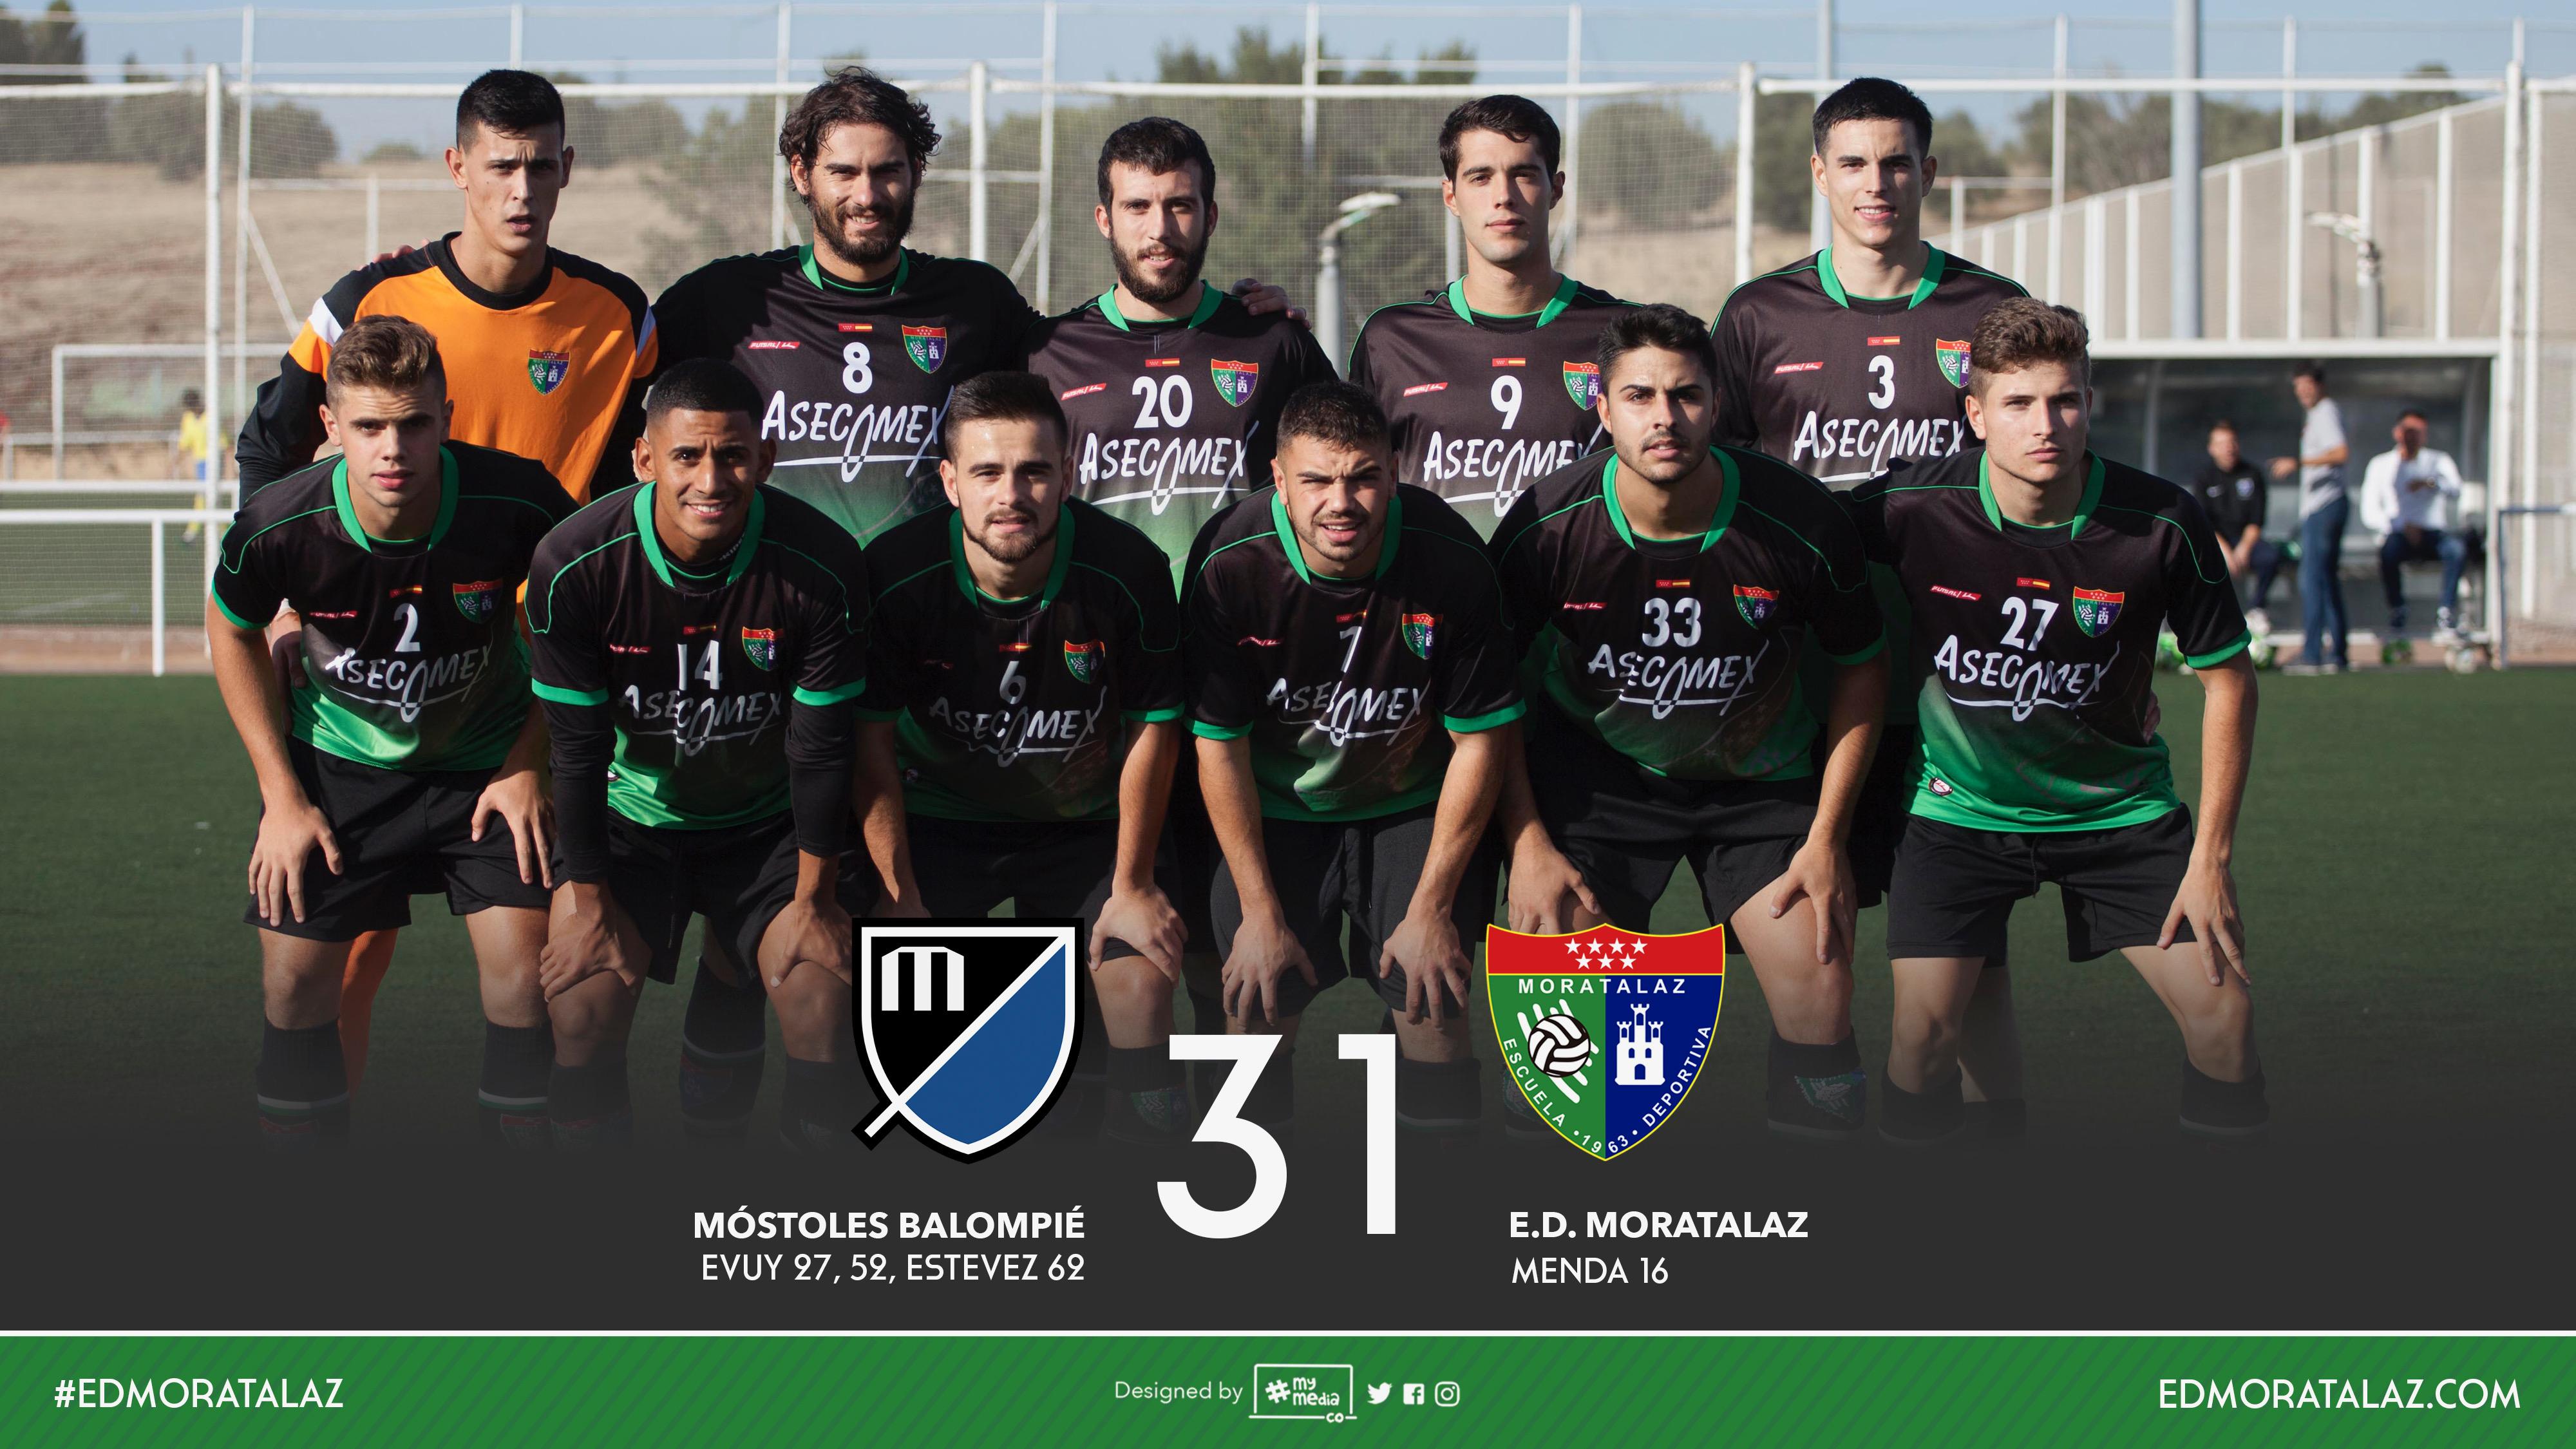 Fotos y vídeo resumen del partido Mostoles Balompié 3-1 Primer Equipo